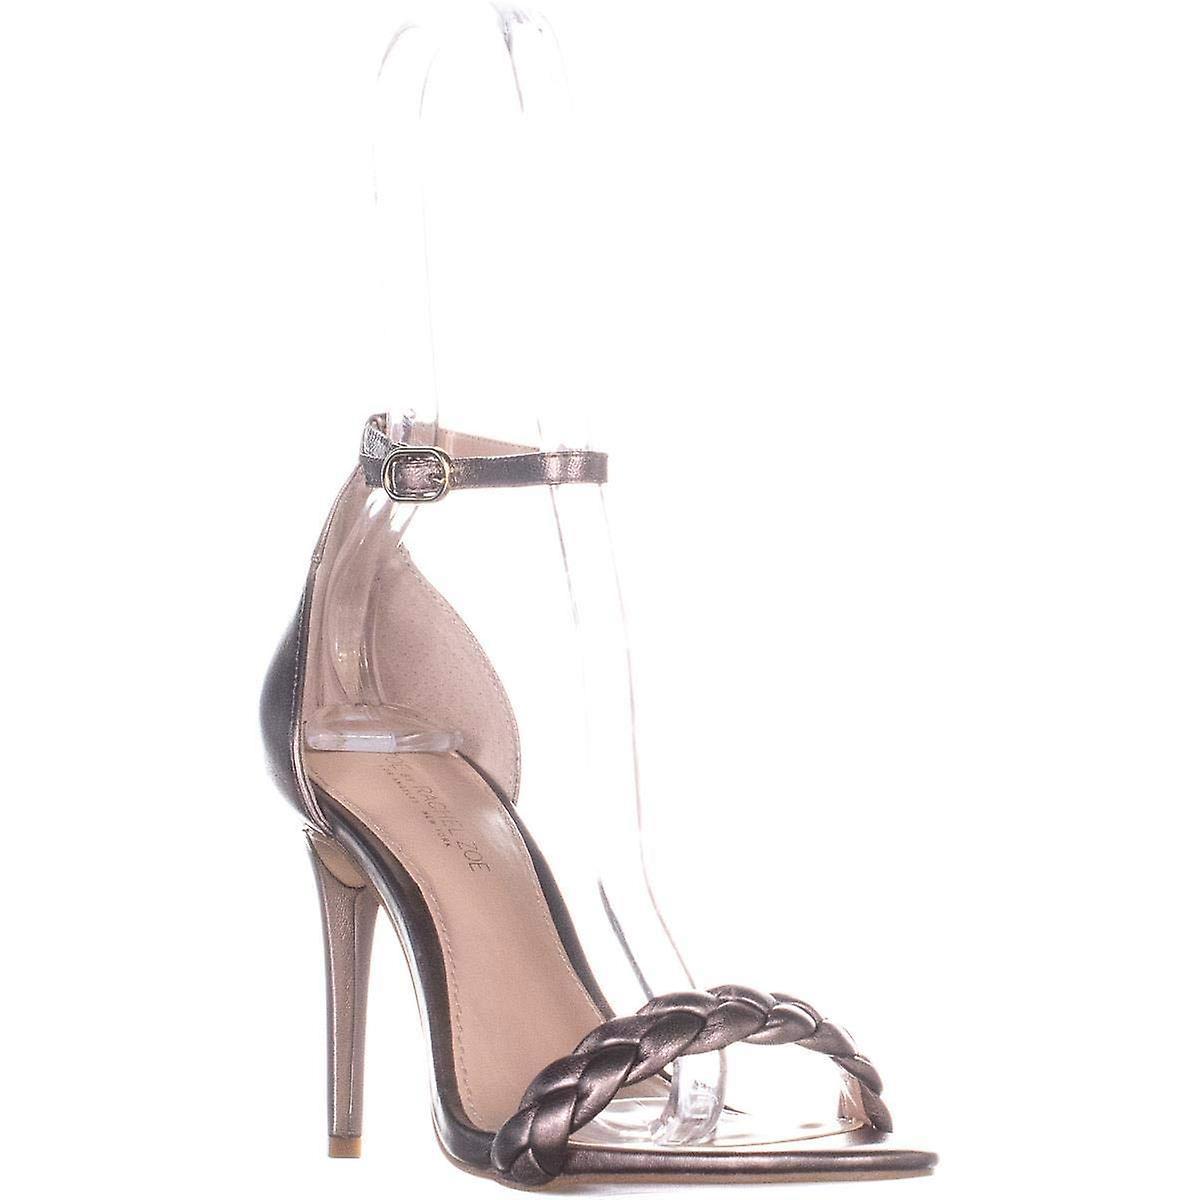 Rachel Zoe Womens Ella Sandały Skórzane Otwarte Toe Formalne sandały z paskiem do kostki sOlVa